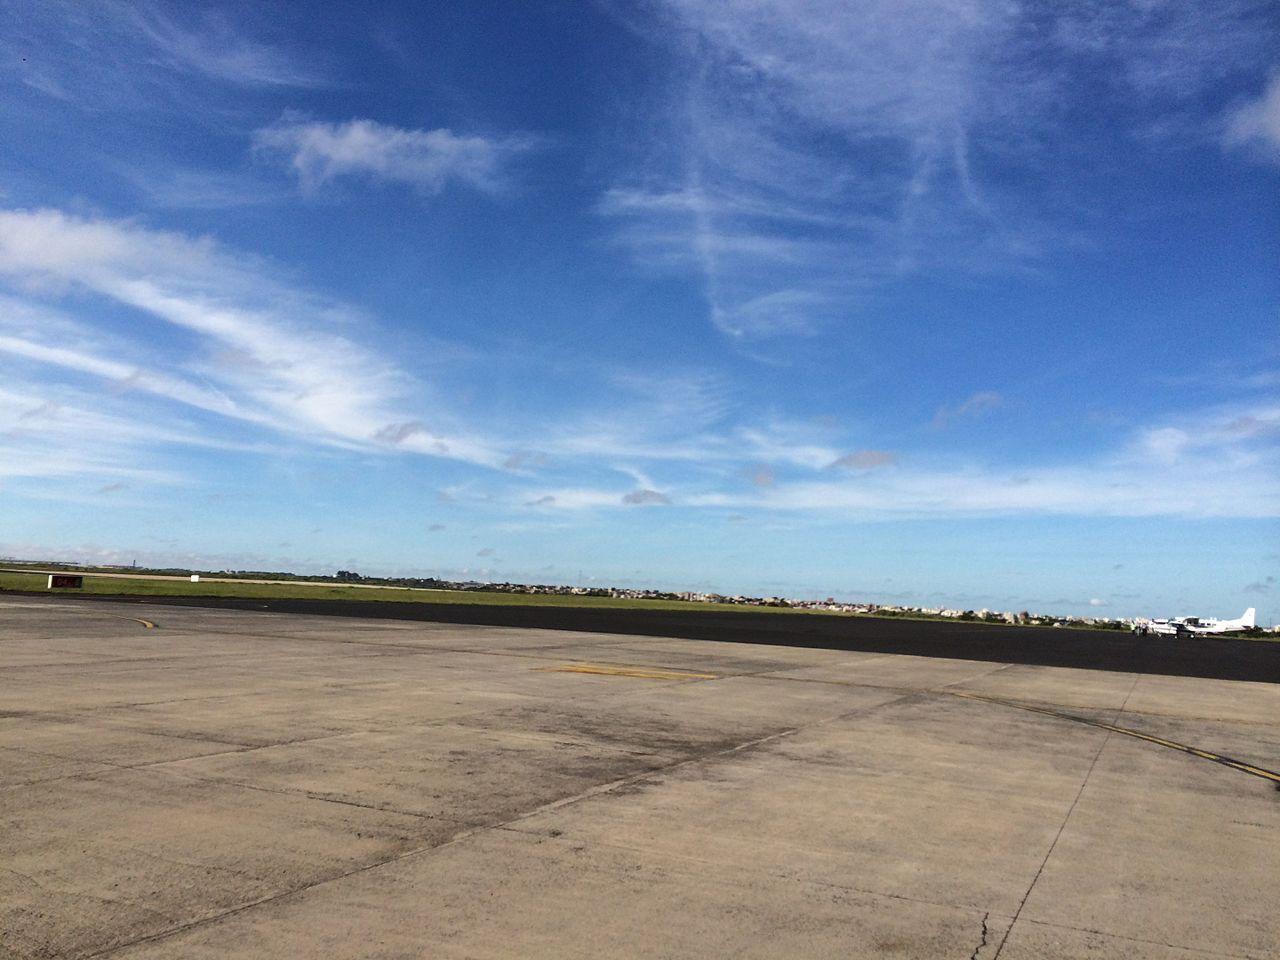 Ampliação do Aeroporto de Uberlândia terá investimento de R$ 60 milhões